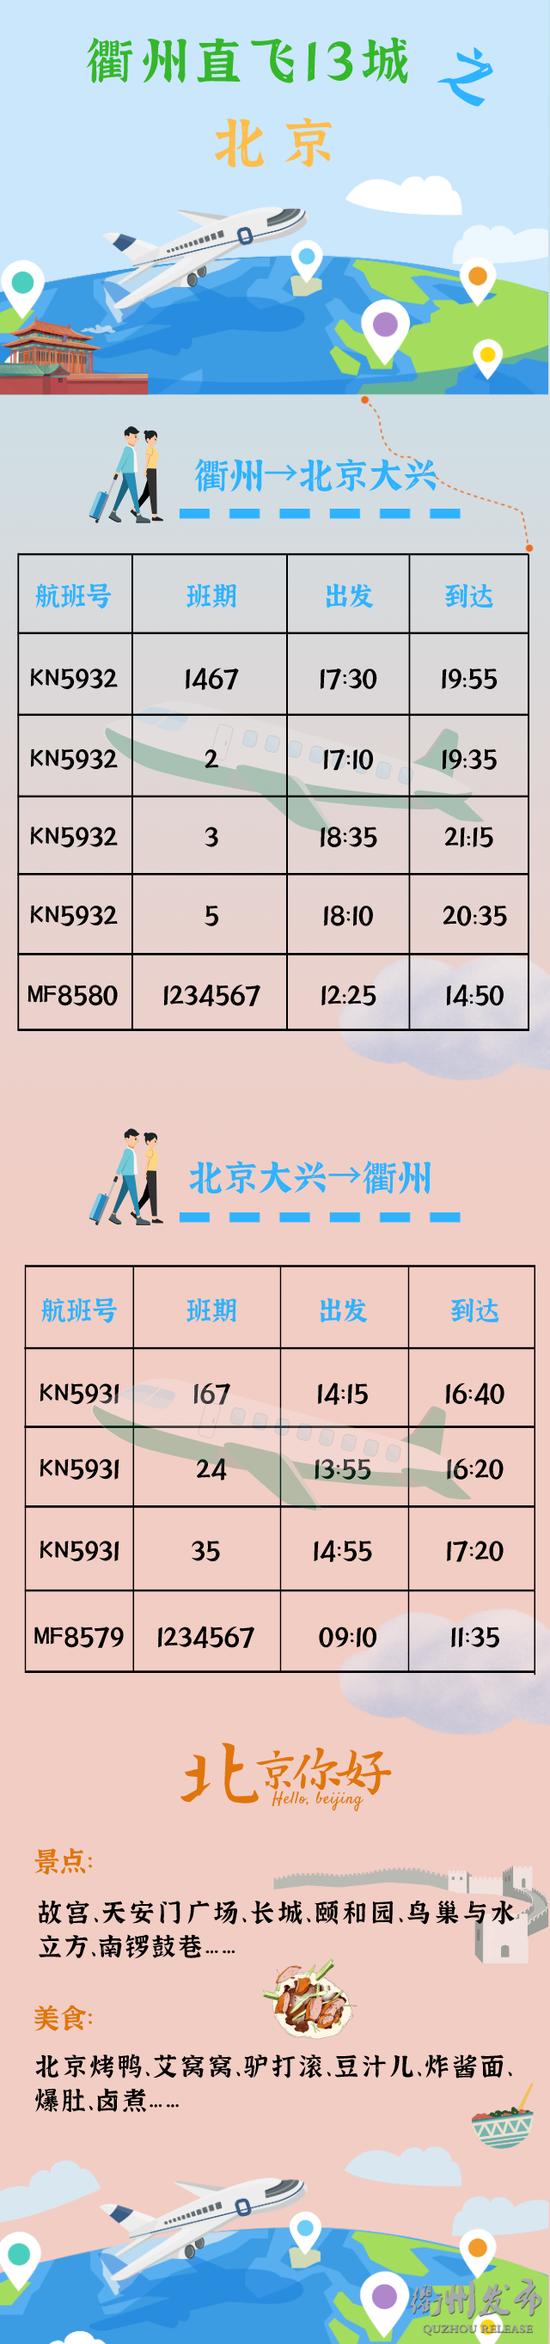 衢州直飞13个城市 最新最全航班以及旅行攻略在此